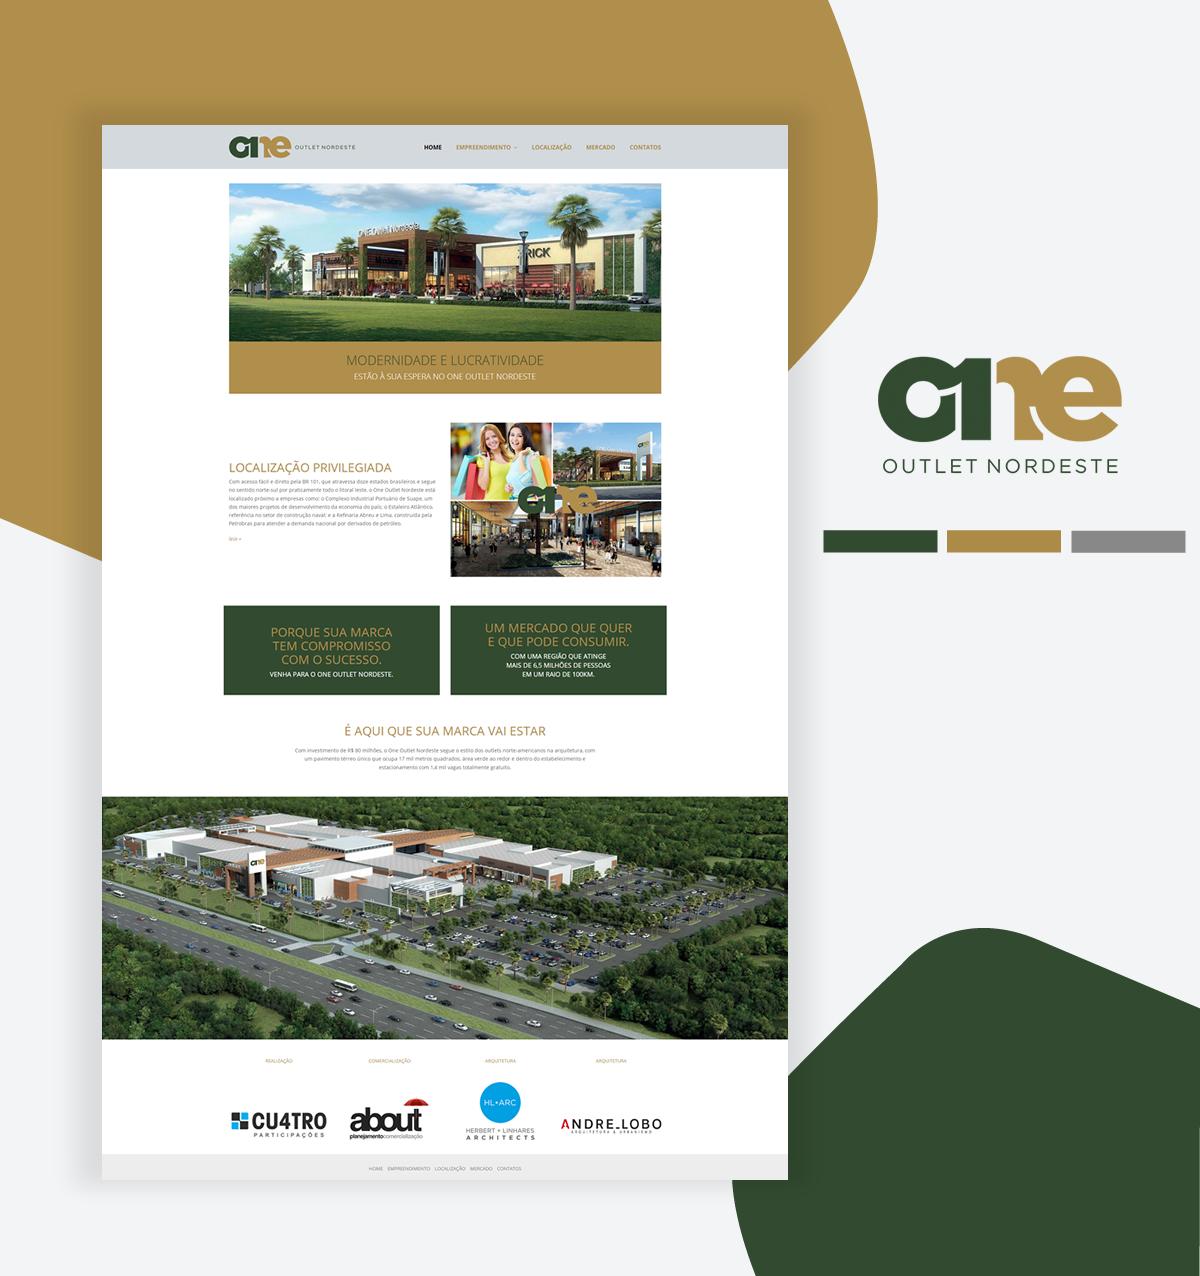 Desenvolvimento de site – ONE Outlet Nordeste